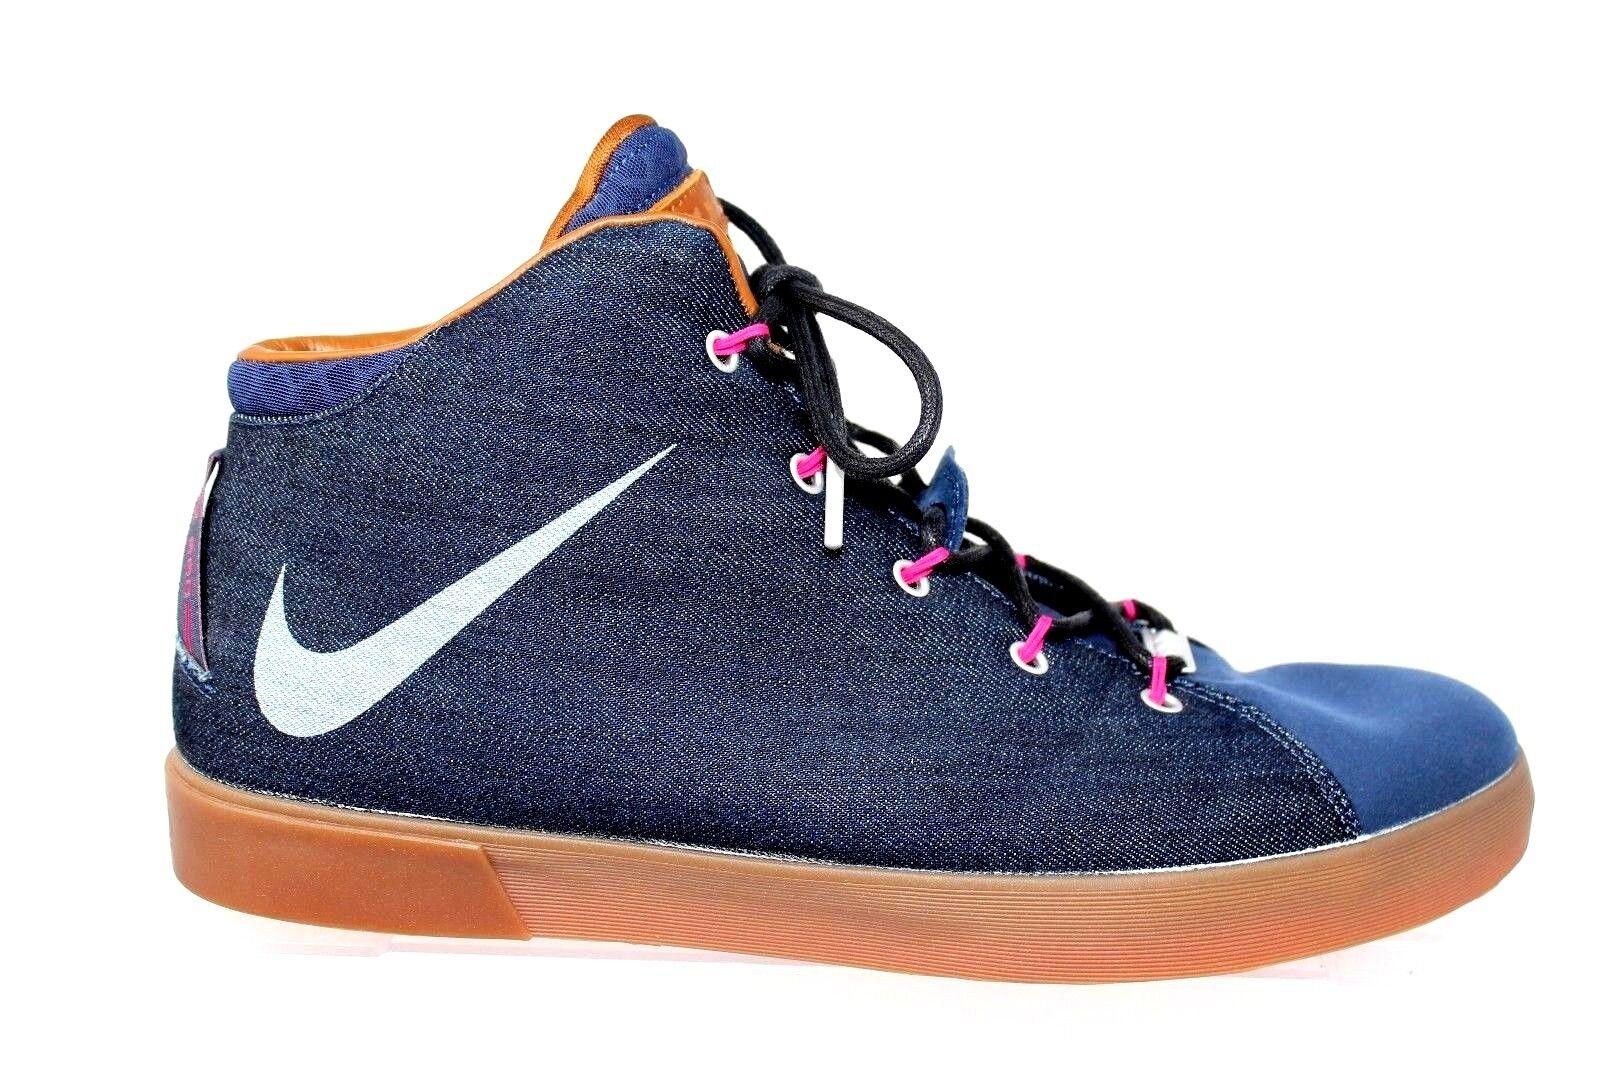 Nike Lebron XII NSW Lifestyle QS Denim Sneaker 716424-400 Mens Size 15